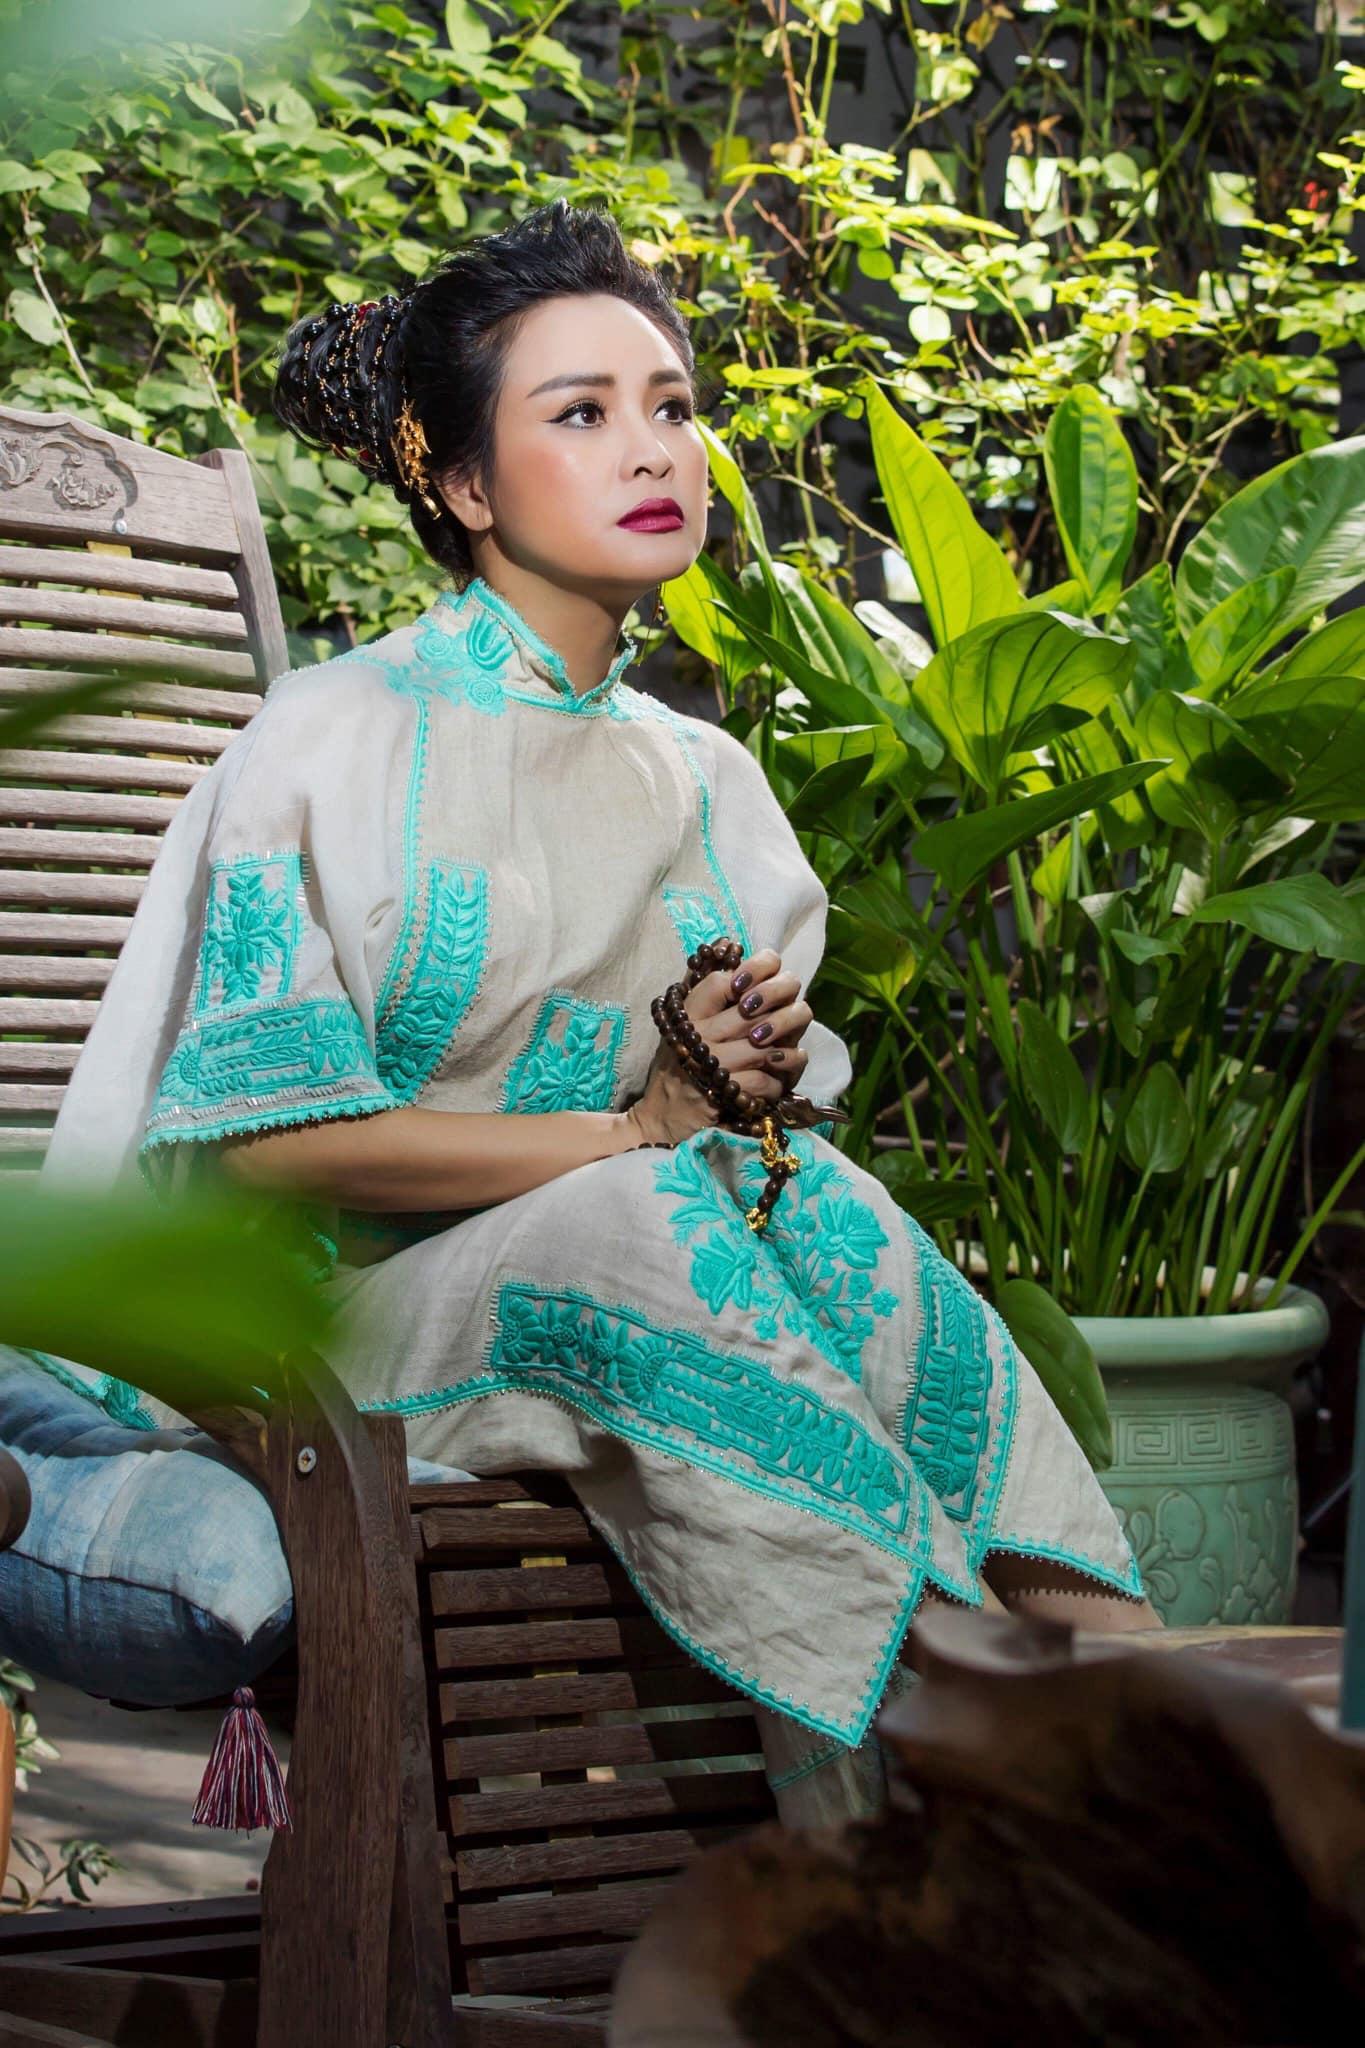 Diva Thanh Lam: Phật pháp giúp tôi bớt sân si, nóng giận và biết như nào là đủ - Ảnh 2.